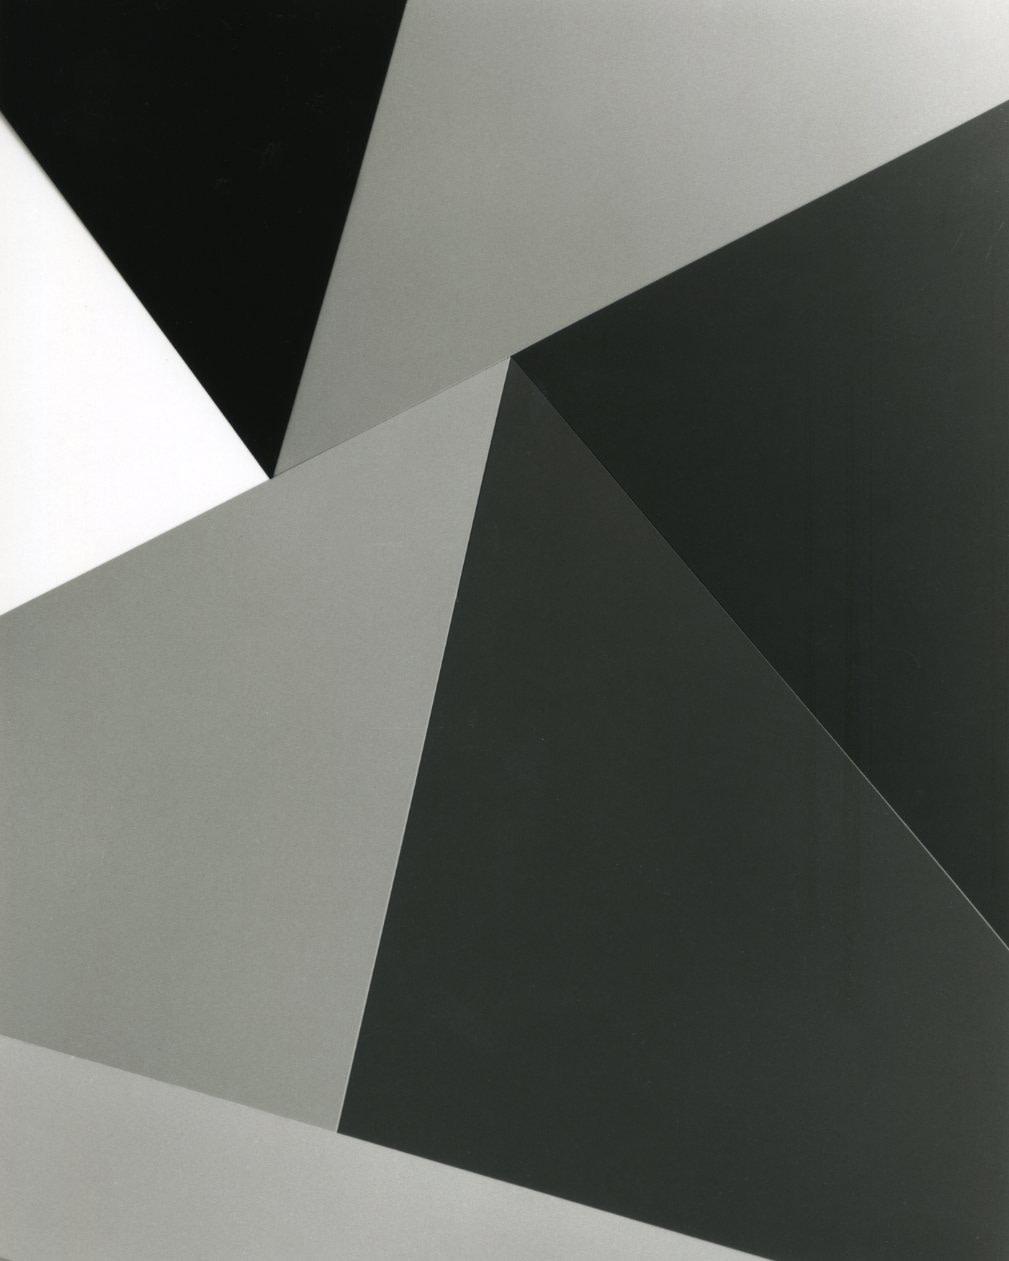 Shirana Shahbazi, [Komposition-03-2011], 2011